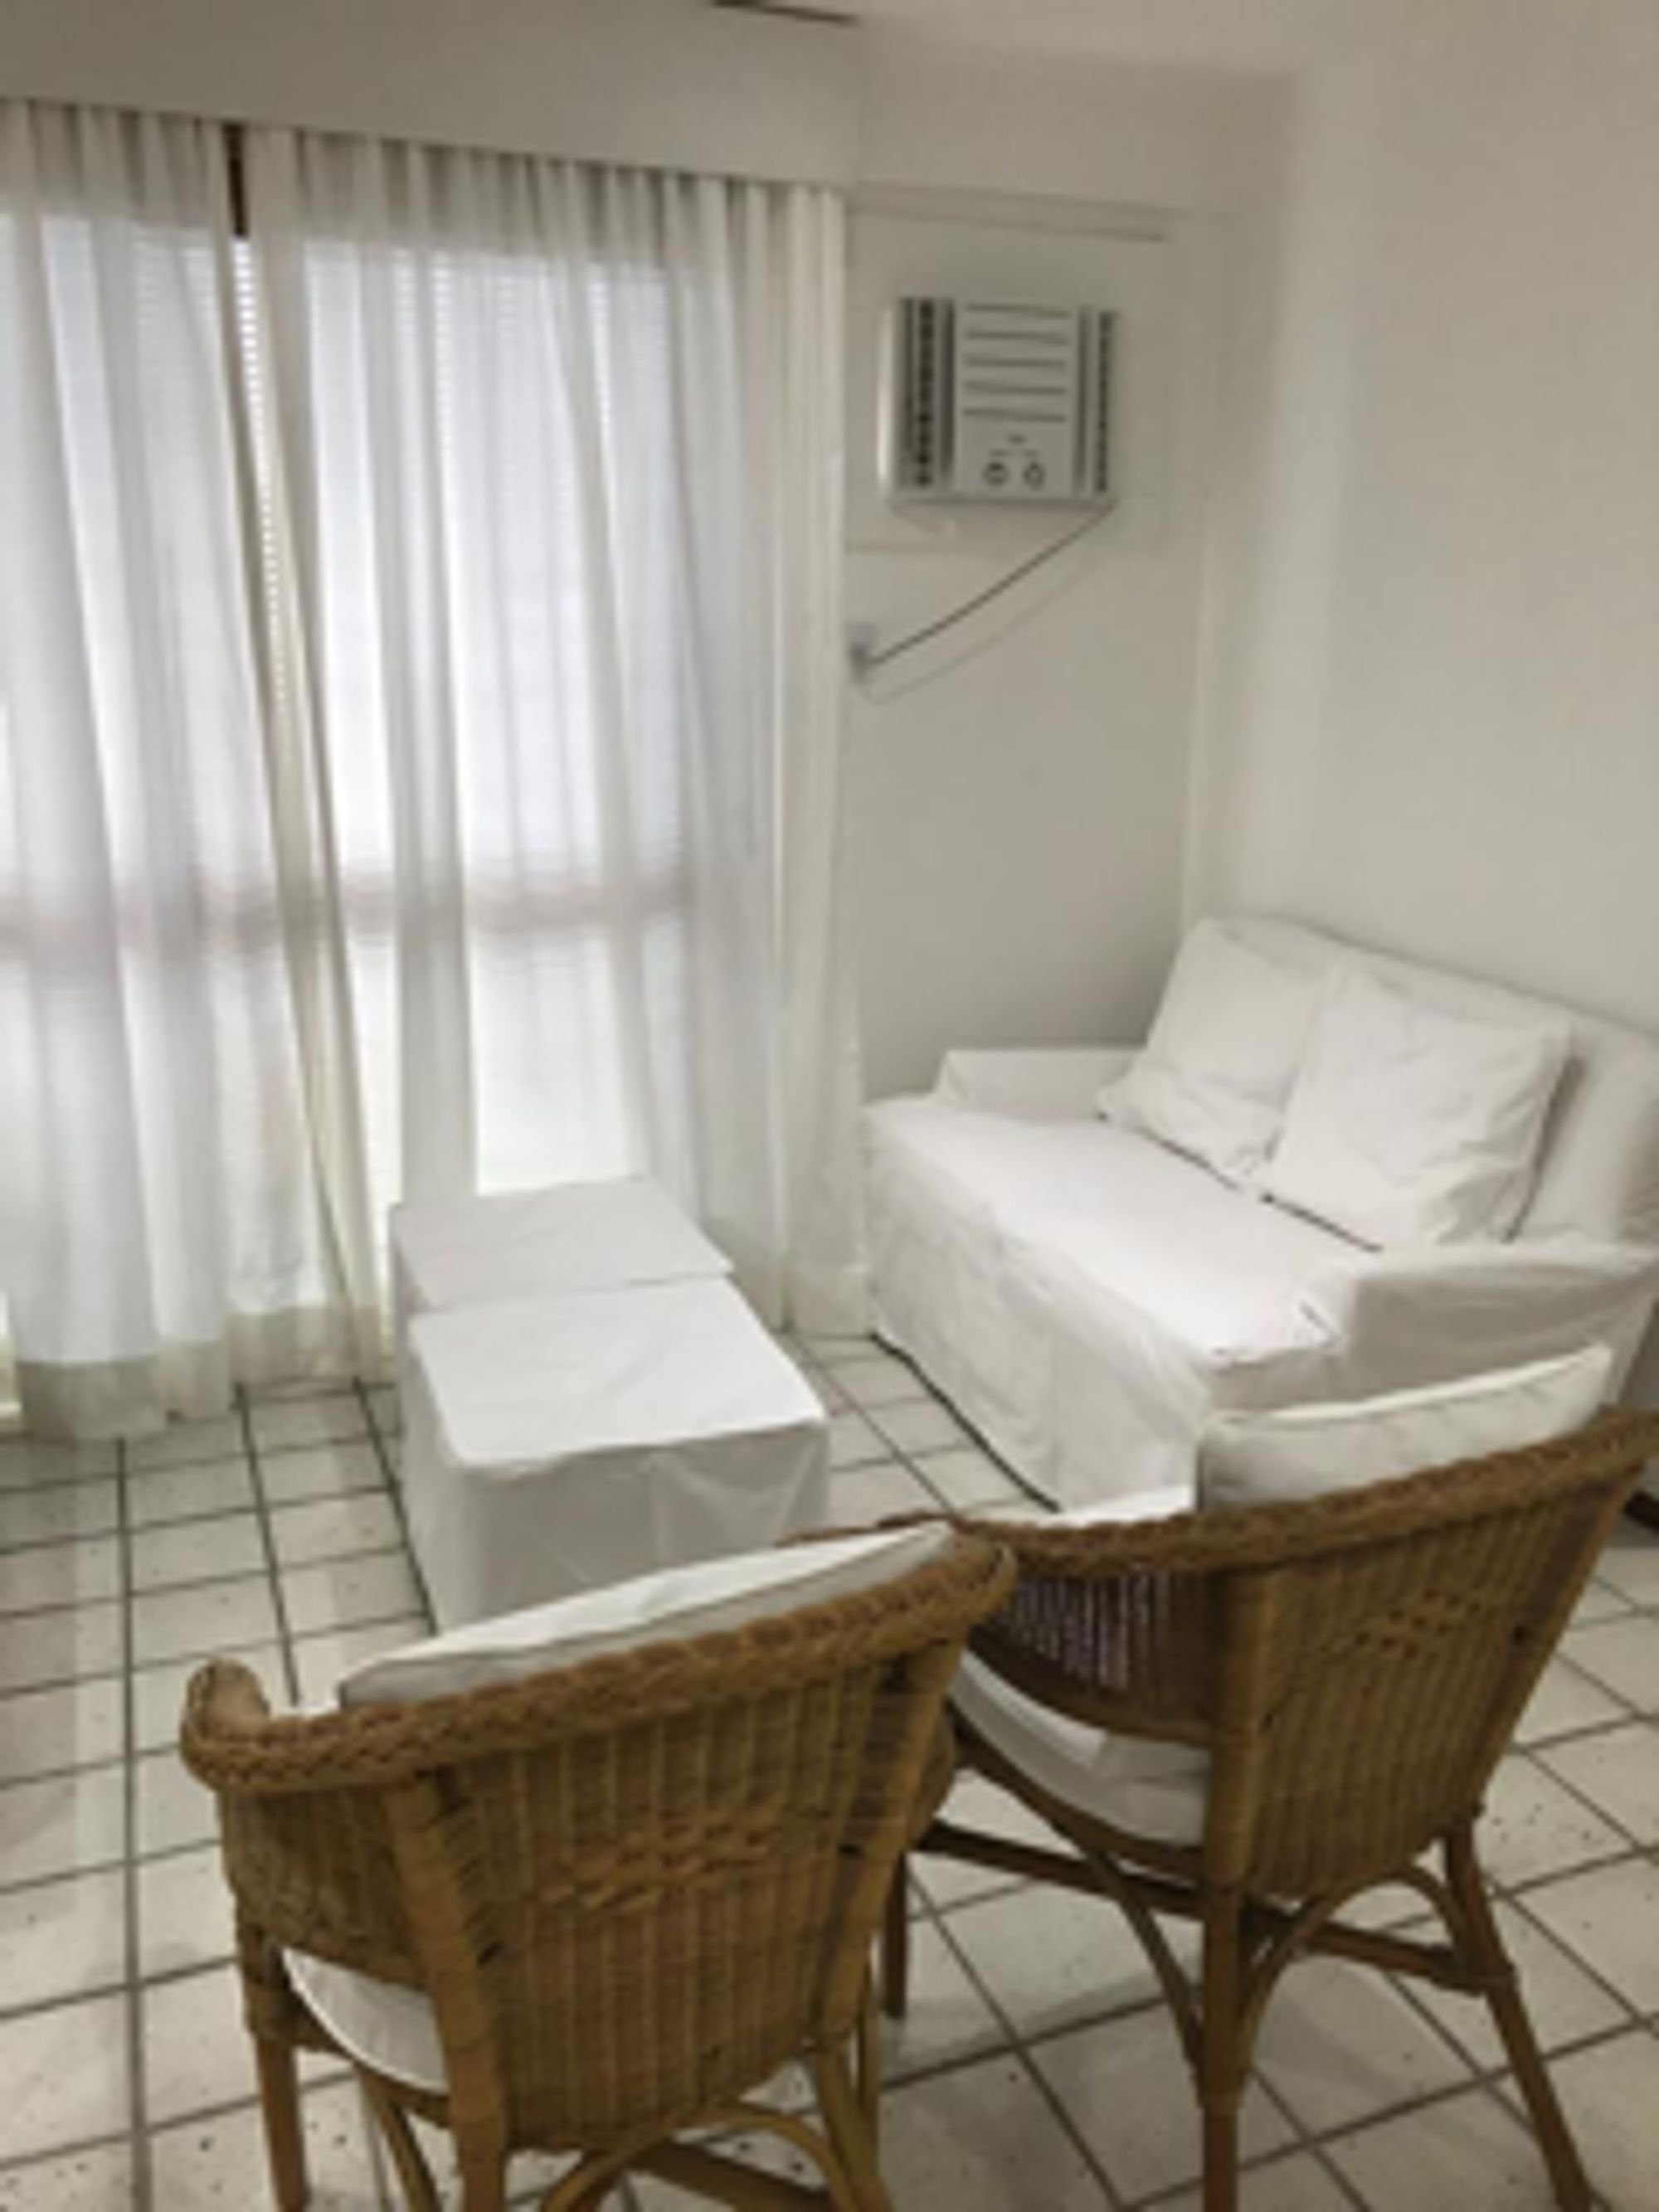 Foto de Lavanderia com cama, cadeira